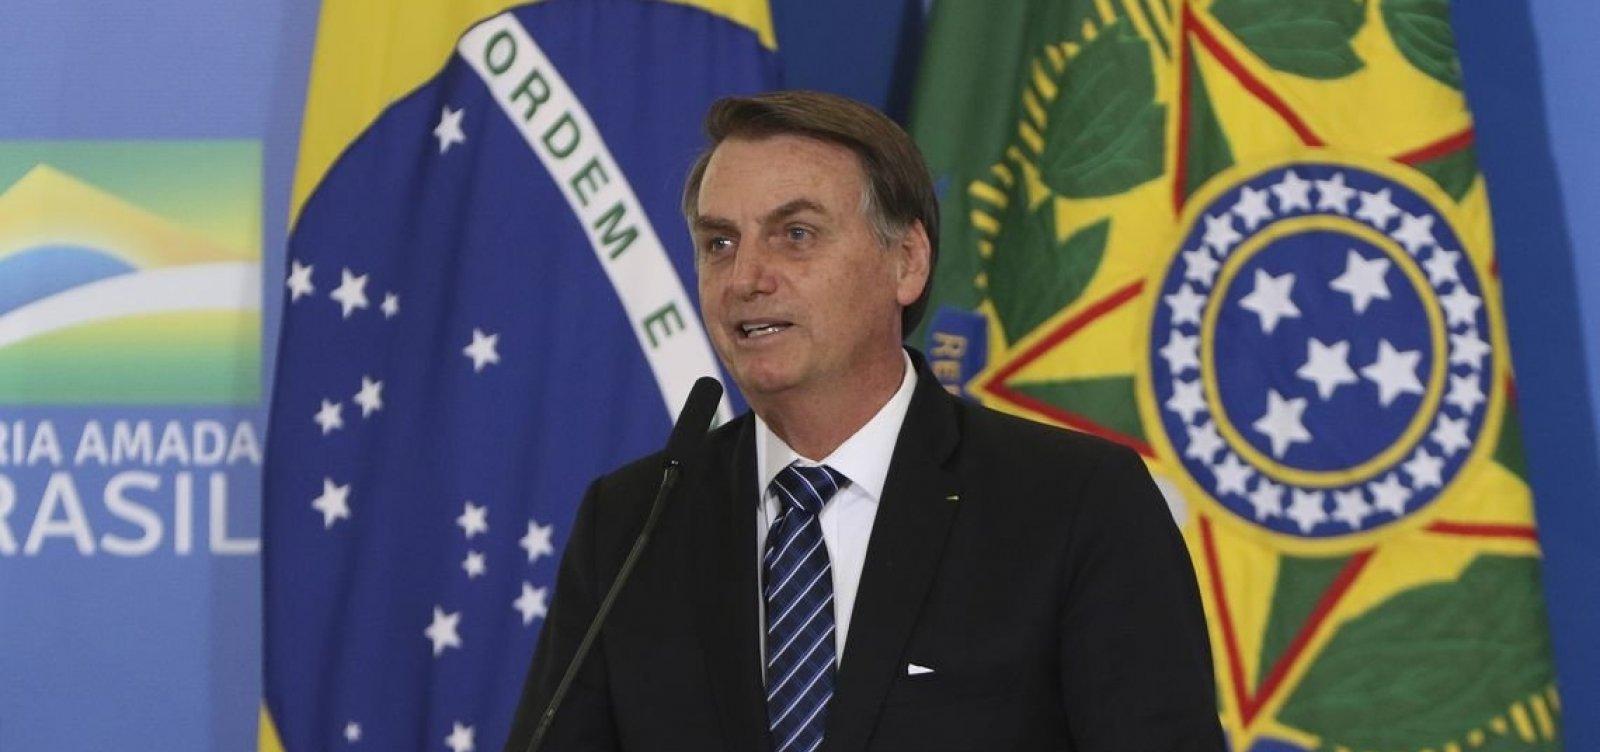 ['O bem vencerá o mal', diz Bolsonaro sobre crise no PSL]